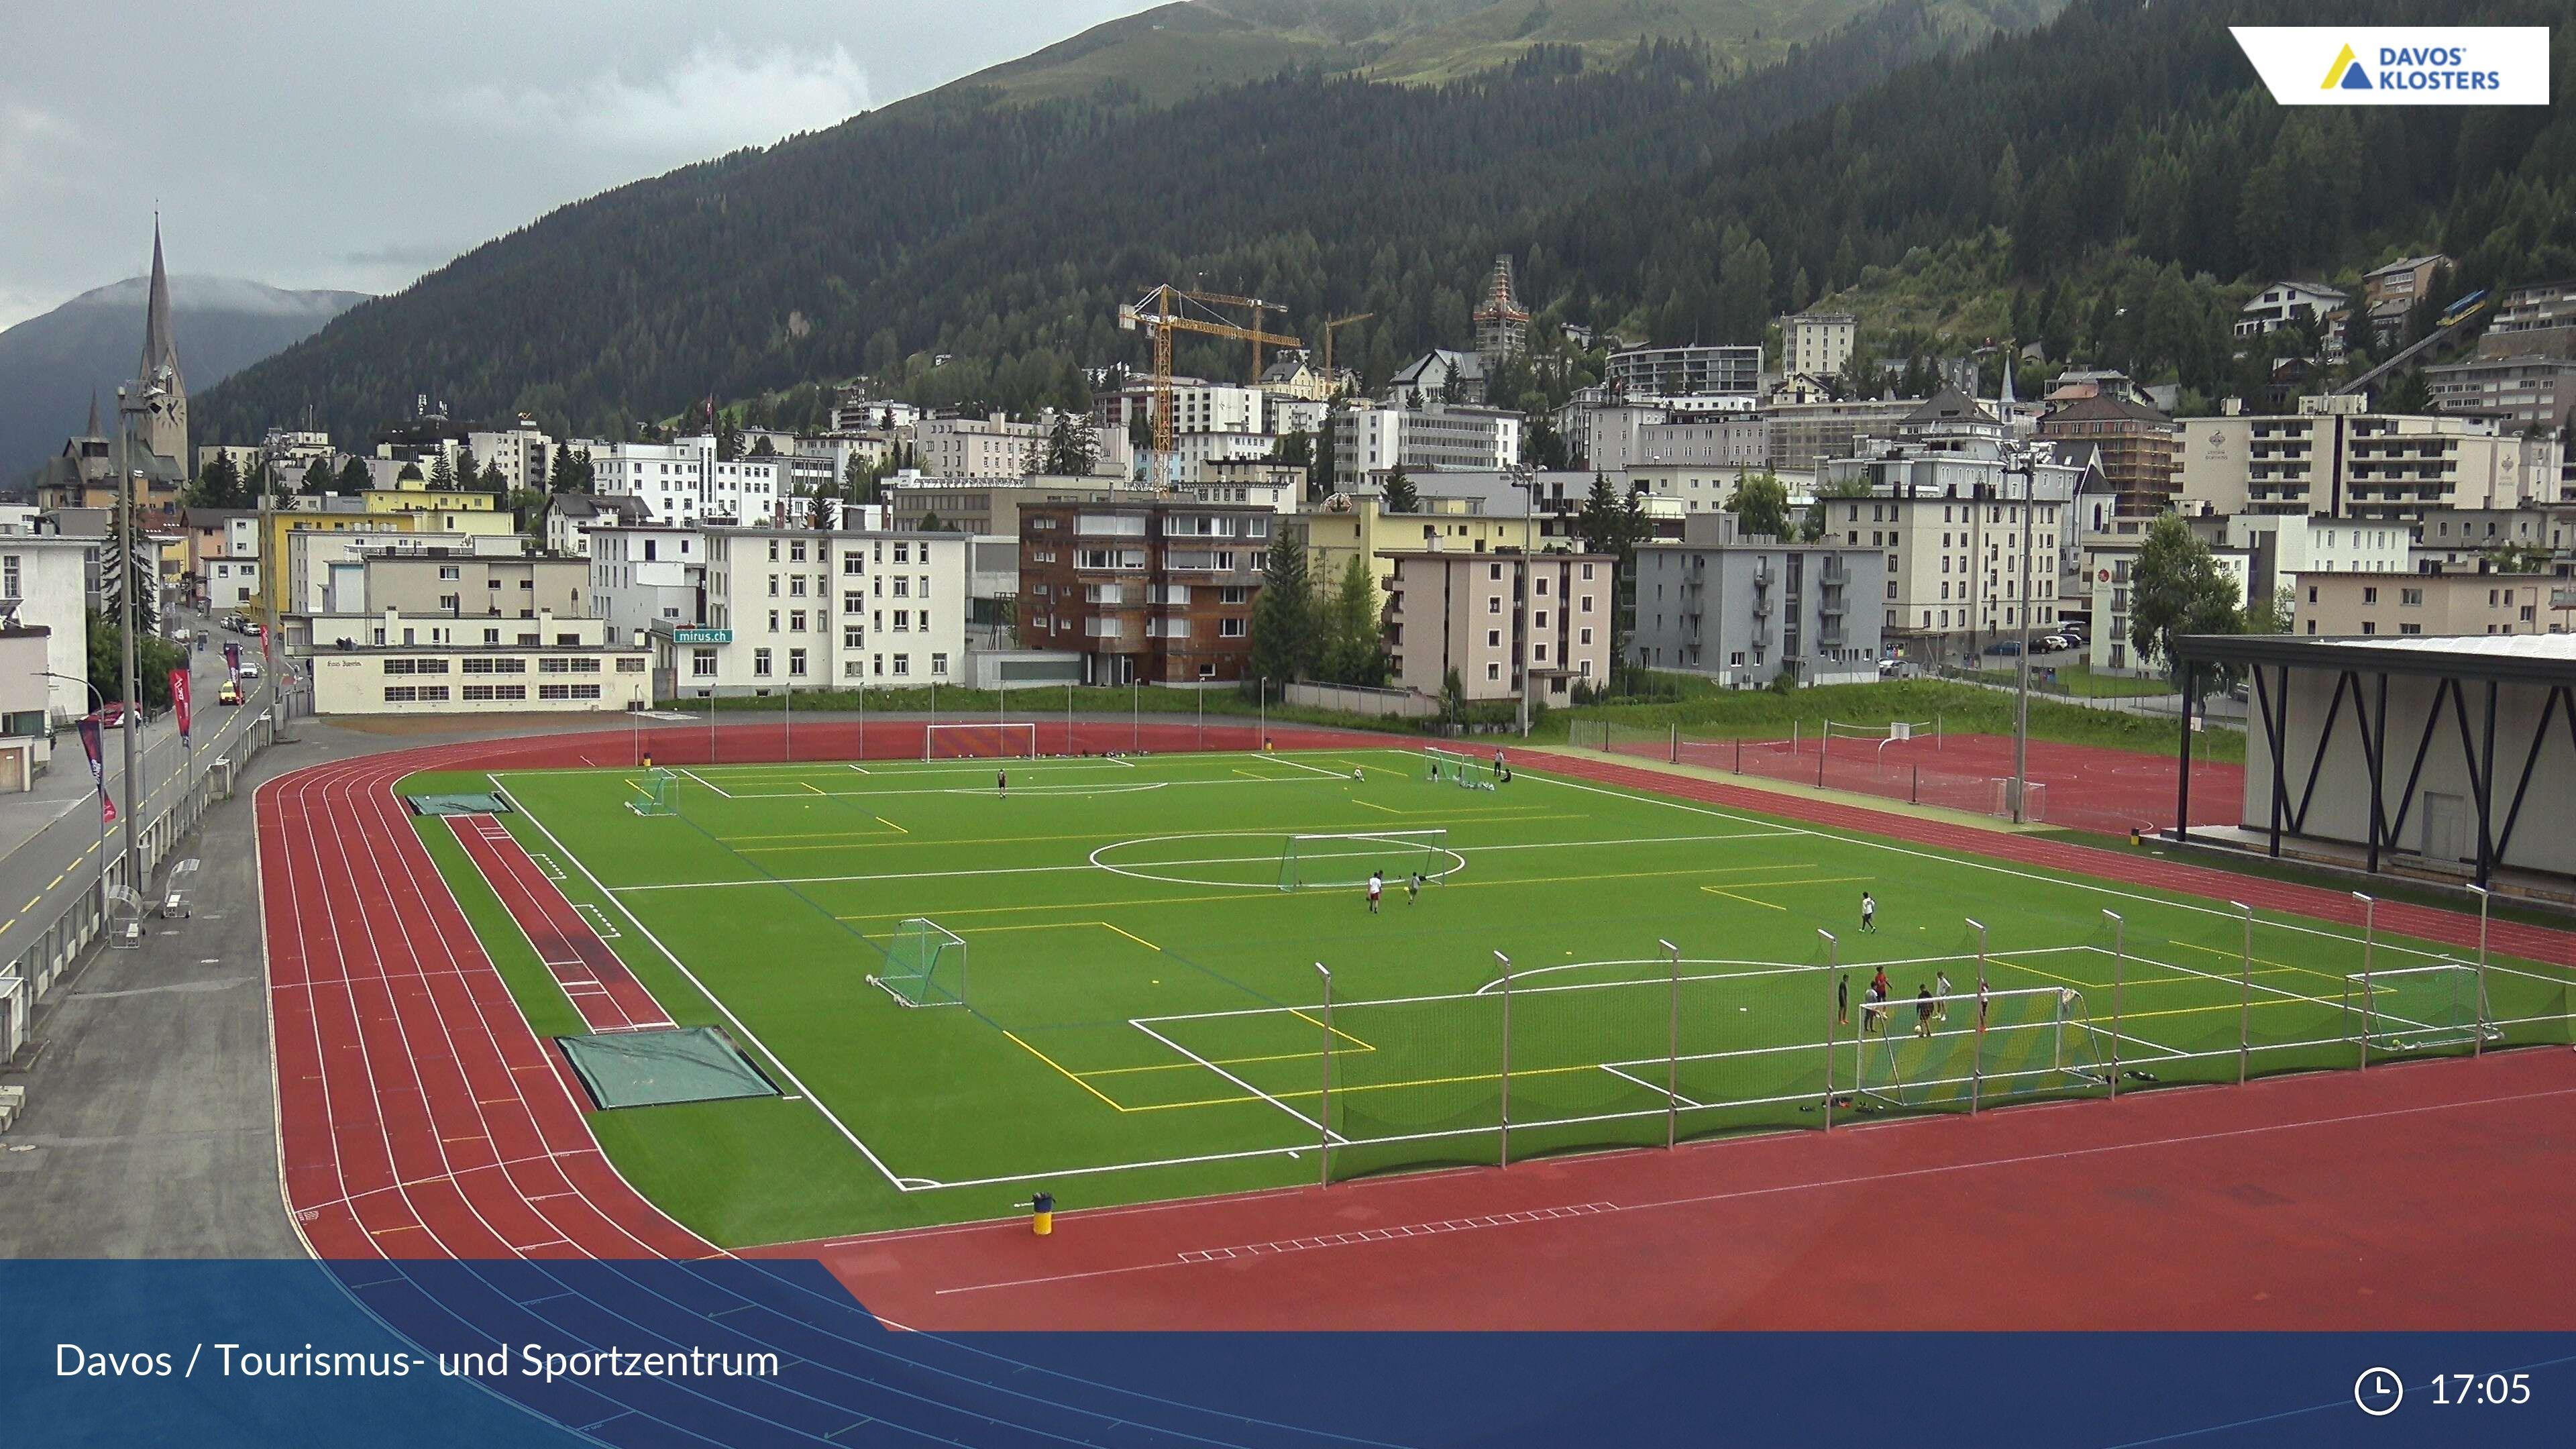 Davos: Platz - Tourismus- und Sportzentrum, Sportzentrum